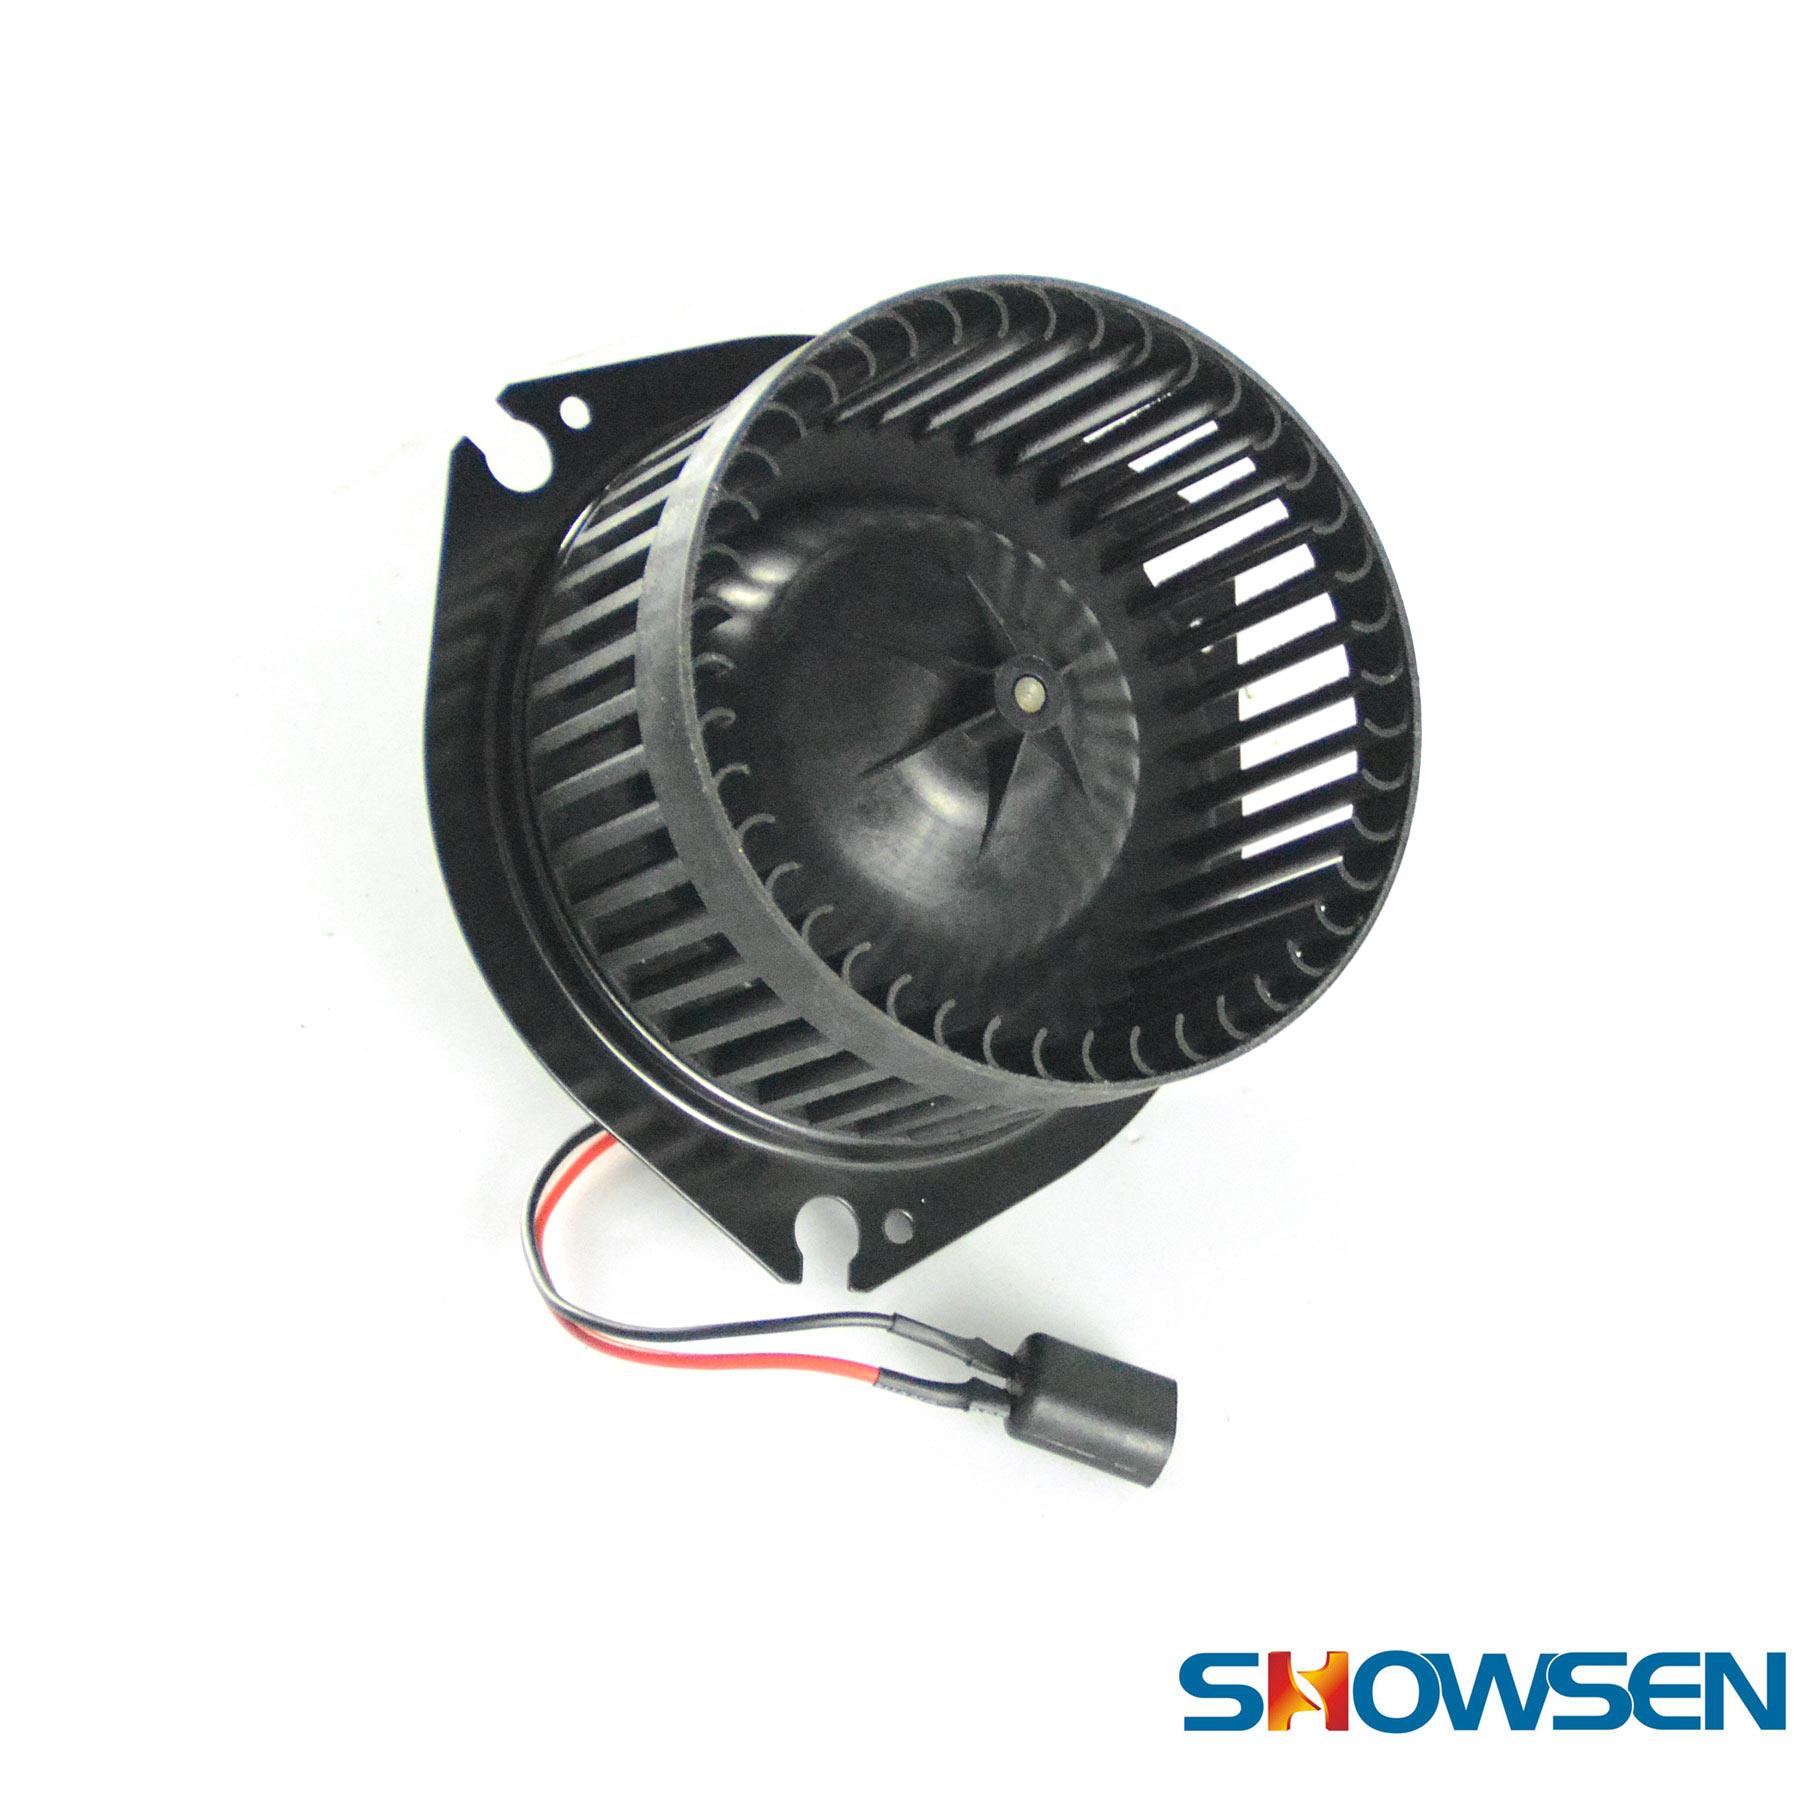 Hvac Blower Fan : New hvac ac heater blower motor w fan cage fit chevy